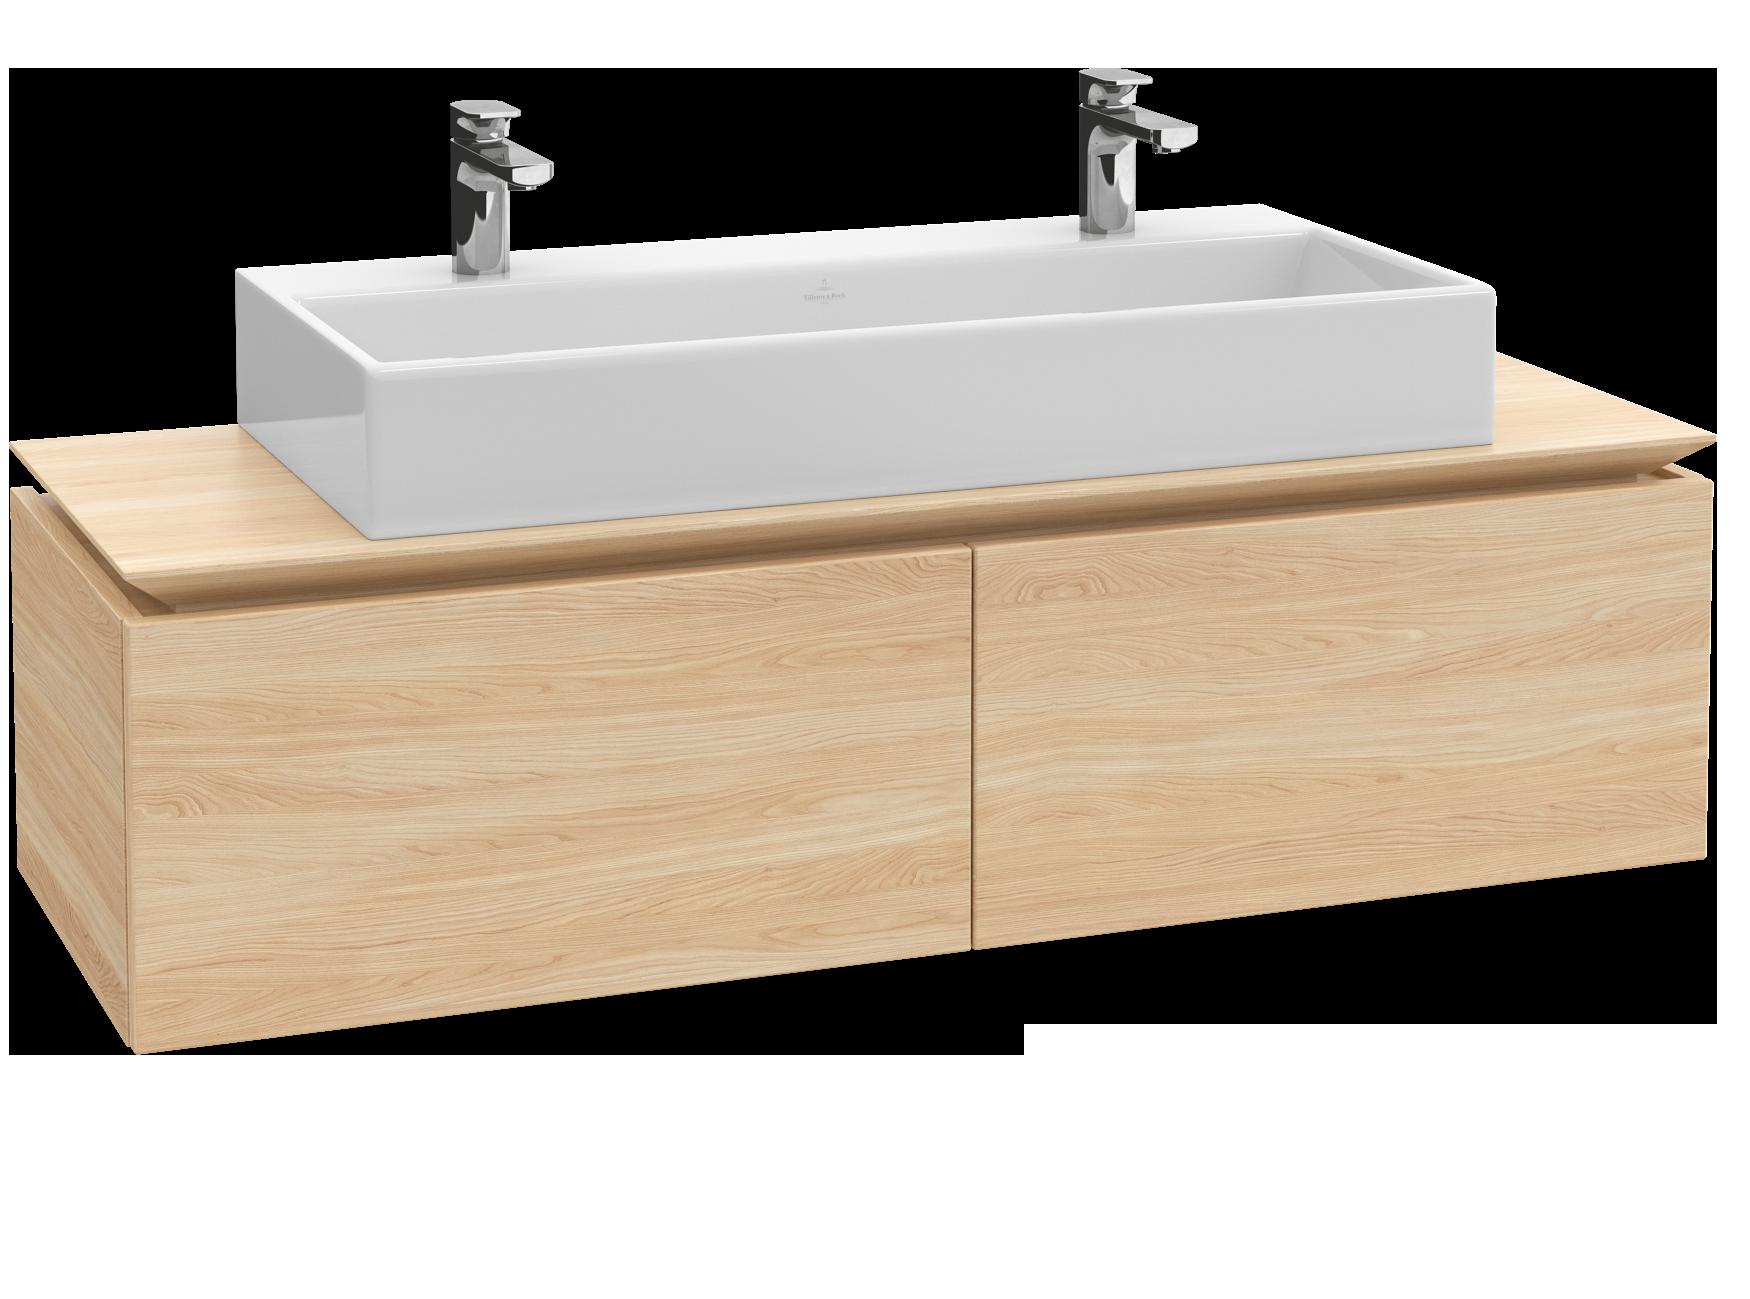 Legato waschtischunterschrank b14100 villeroy boch for Bathroom accessories png